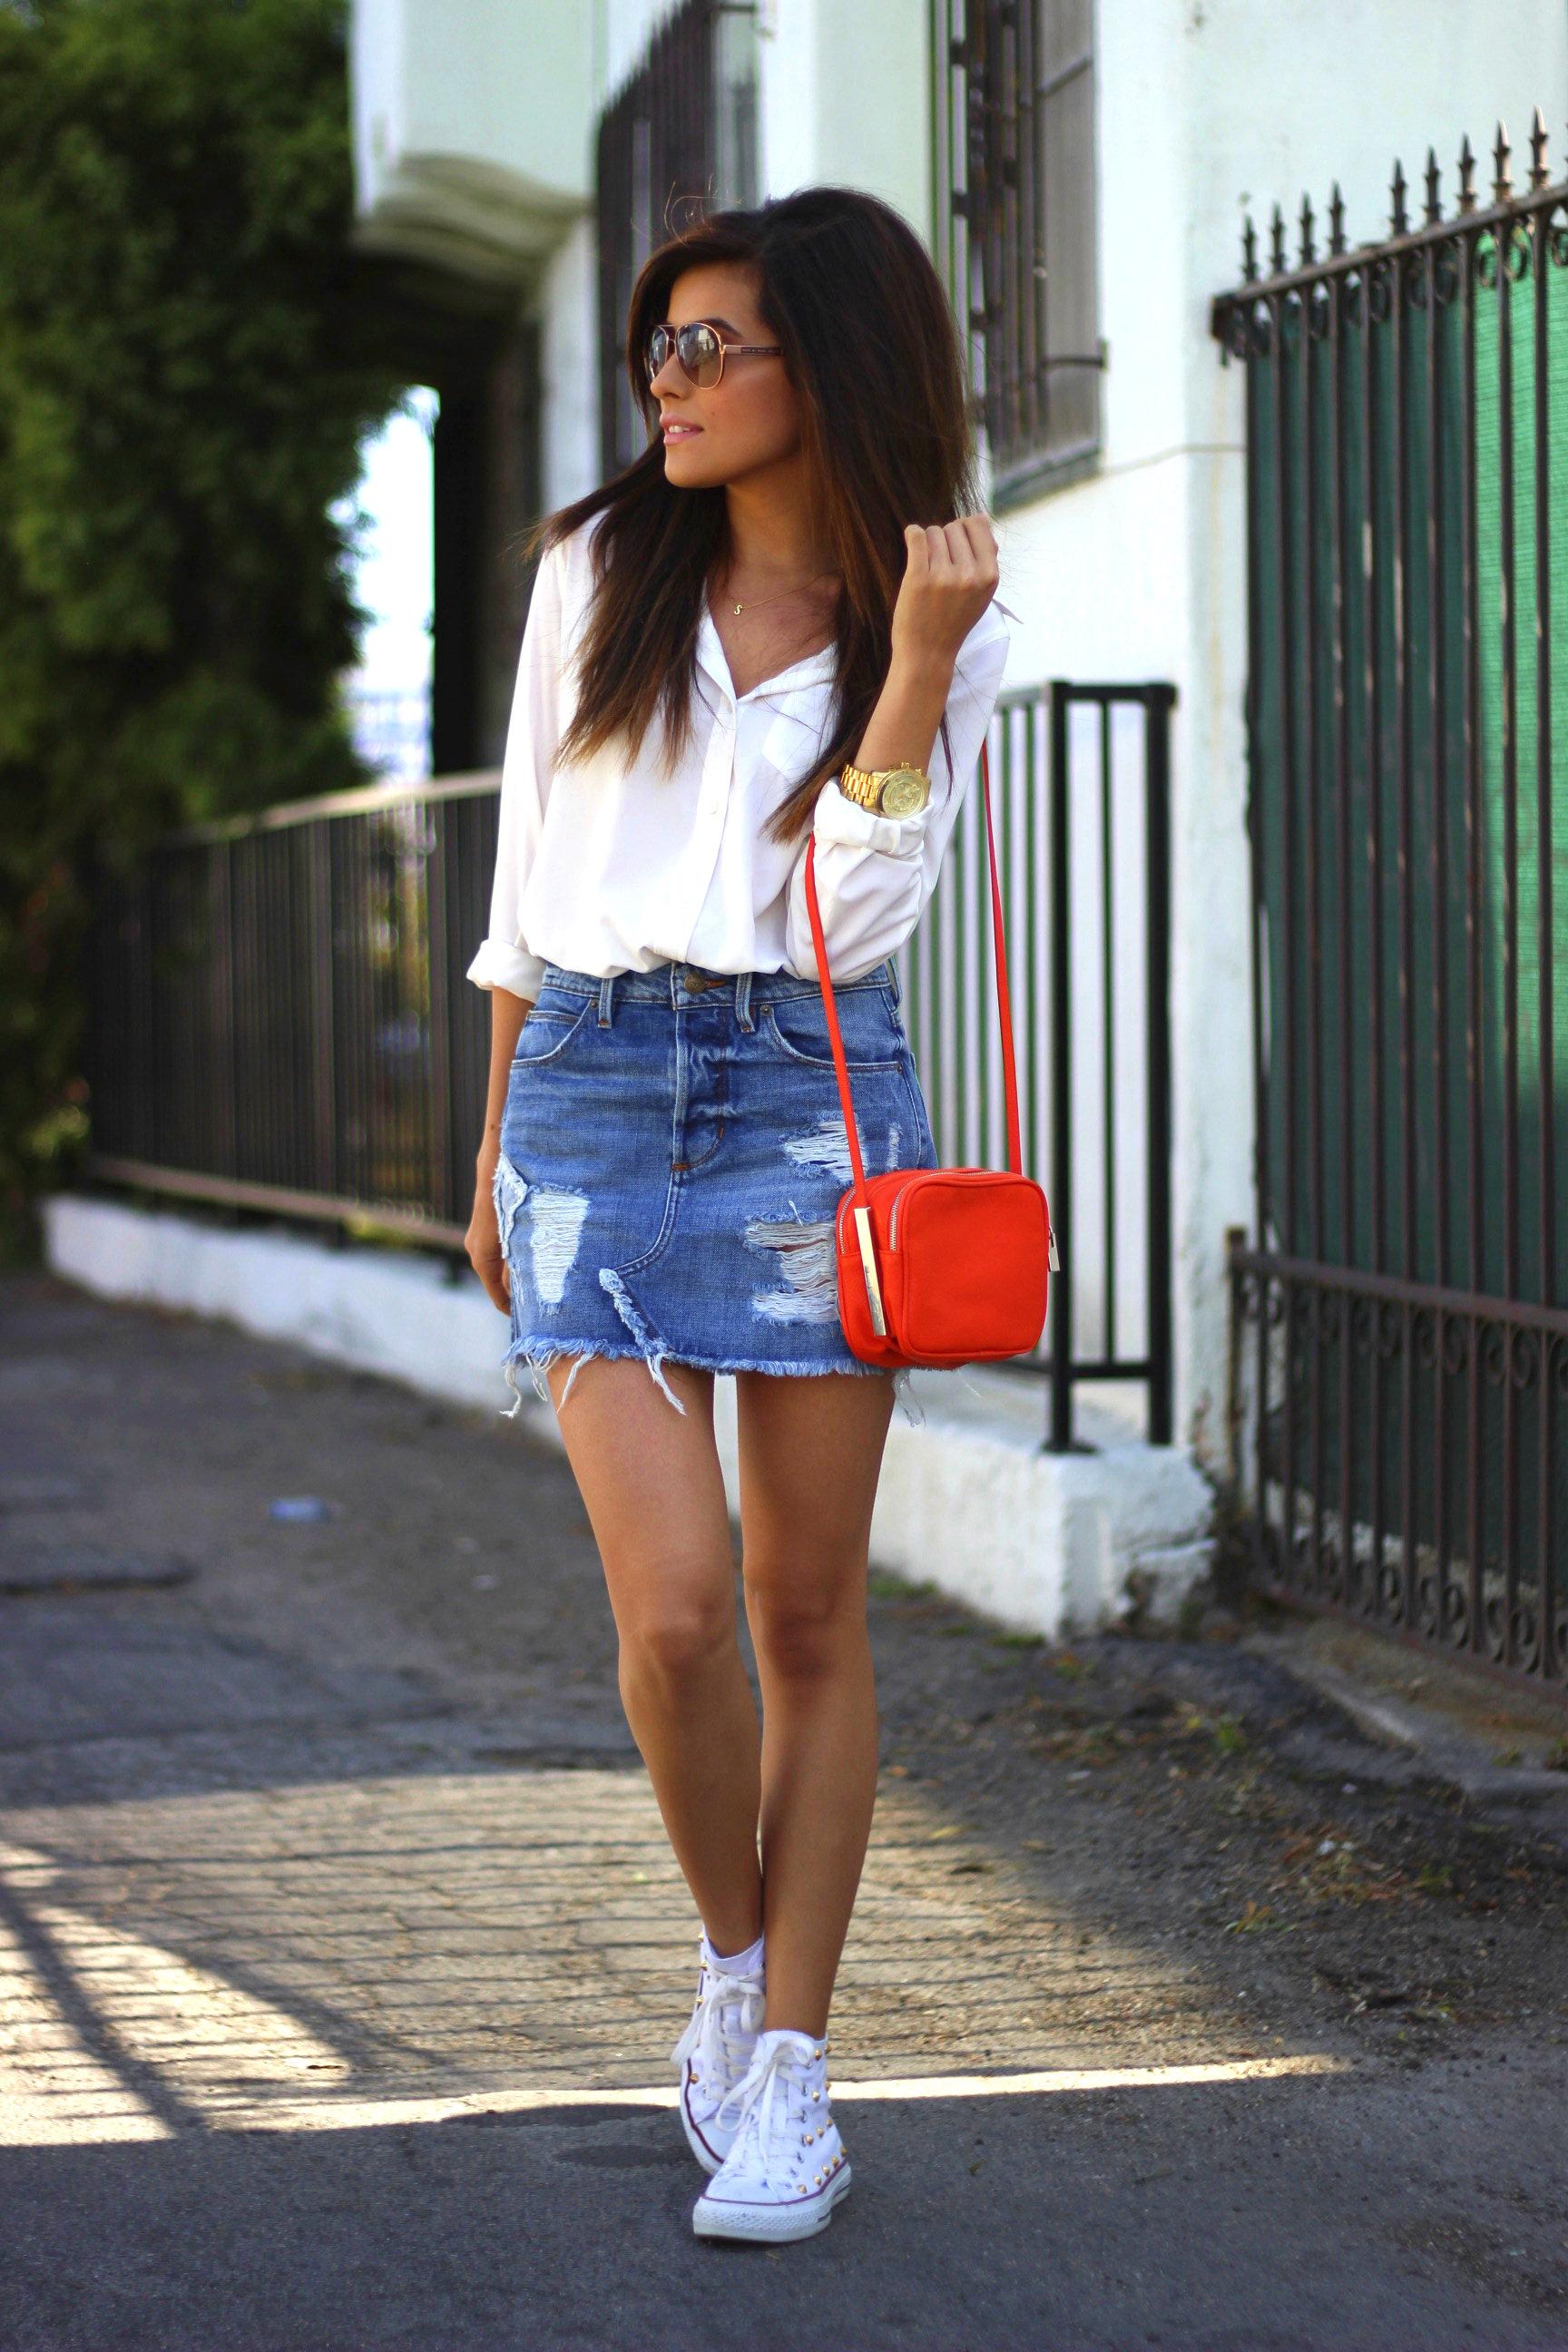 На фото: мини-юбка - чем короче юбка, тем больше видно ваших ног.